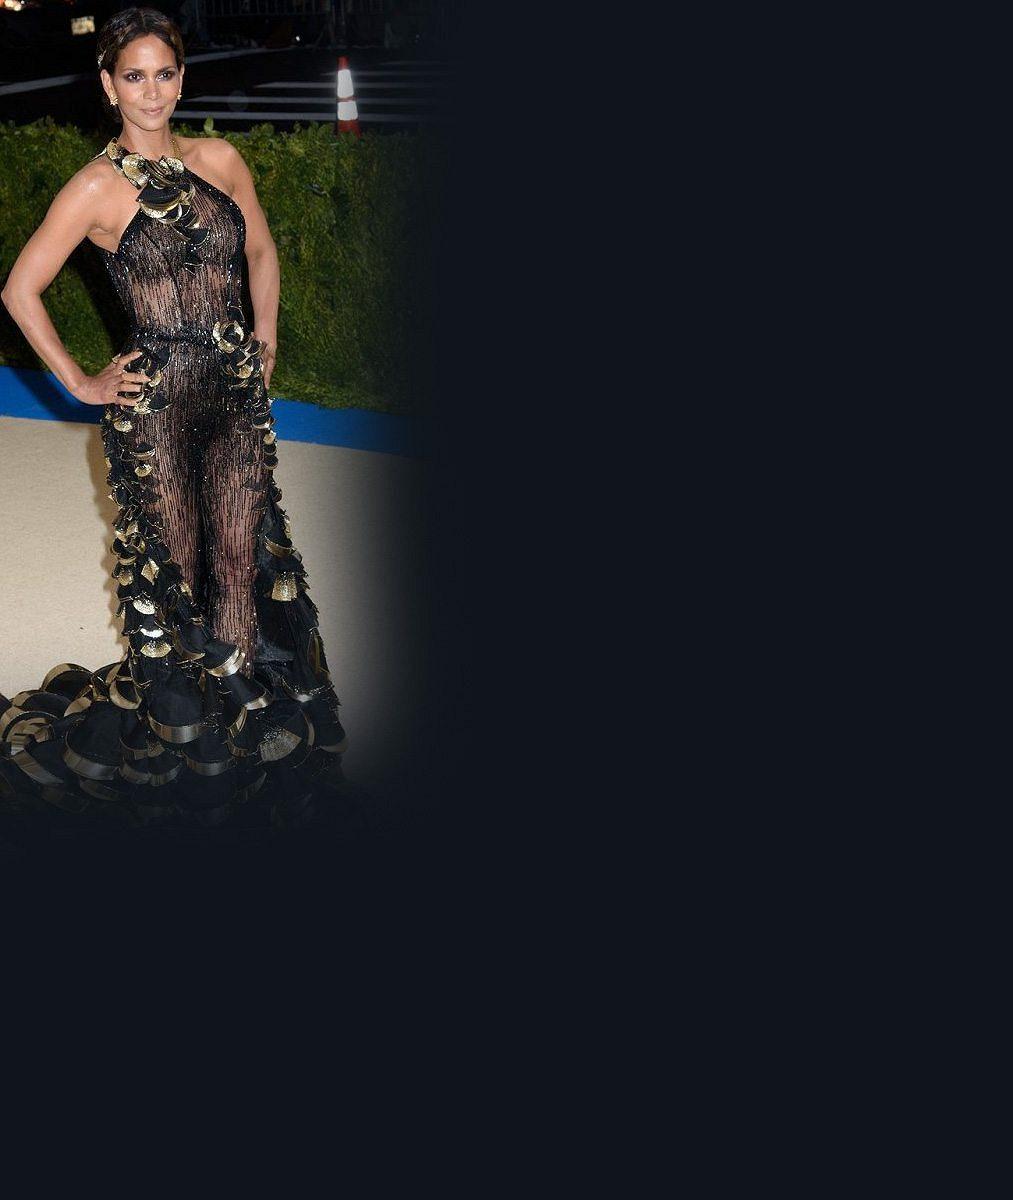 Tohle si po padesátce může dovolit málokdo: Bývalá Bond girl se nahá přitiskla ke sklu. Výsledek vám vyrazí dech!